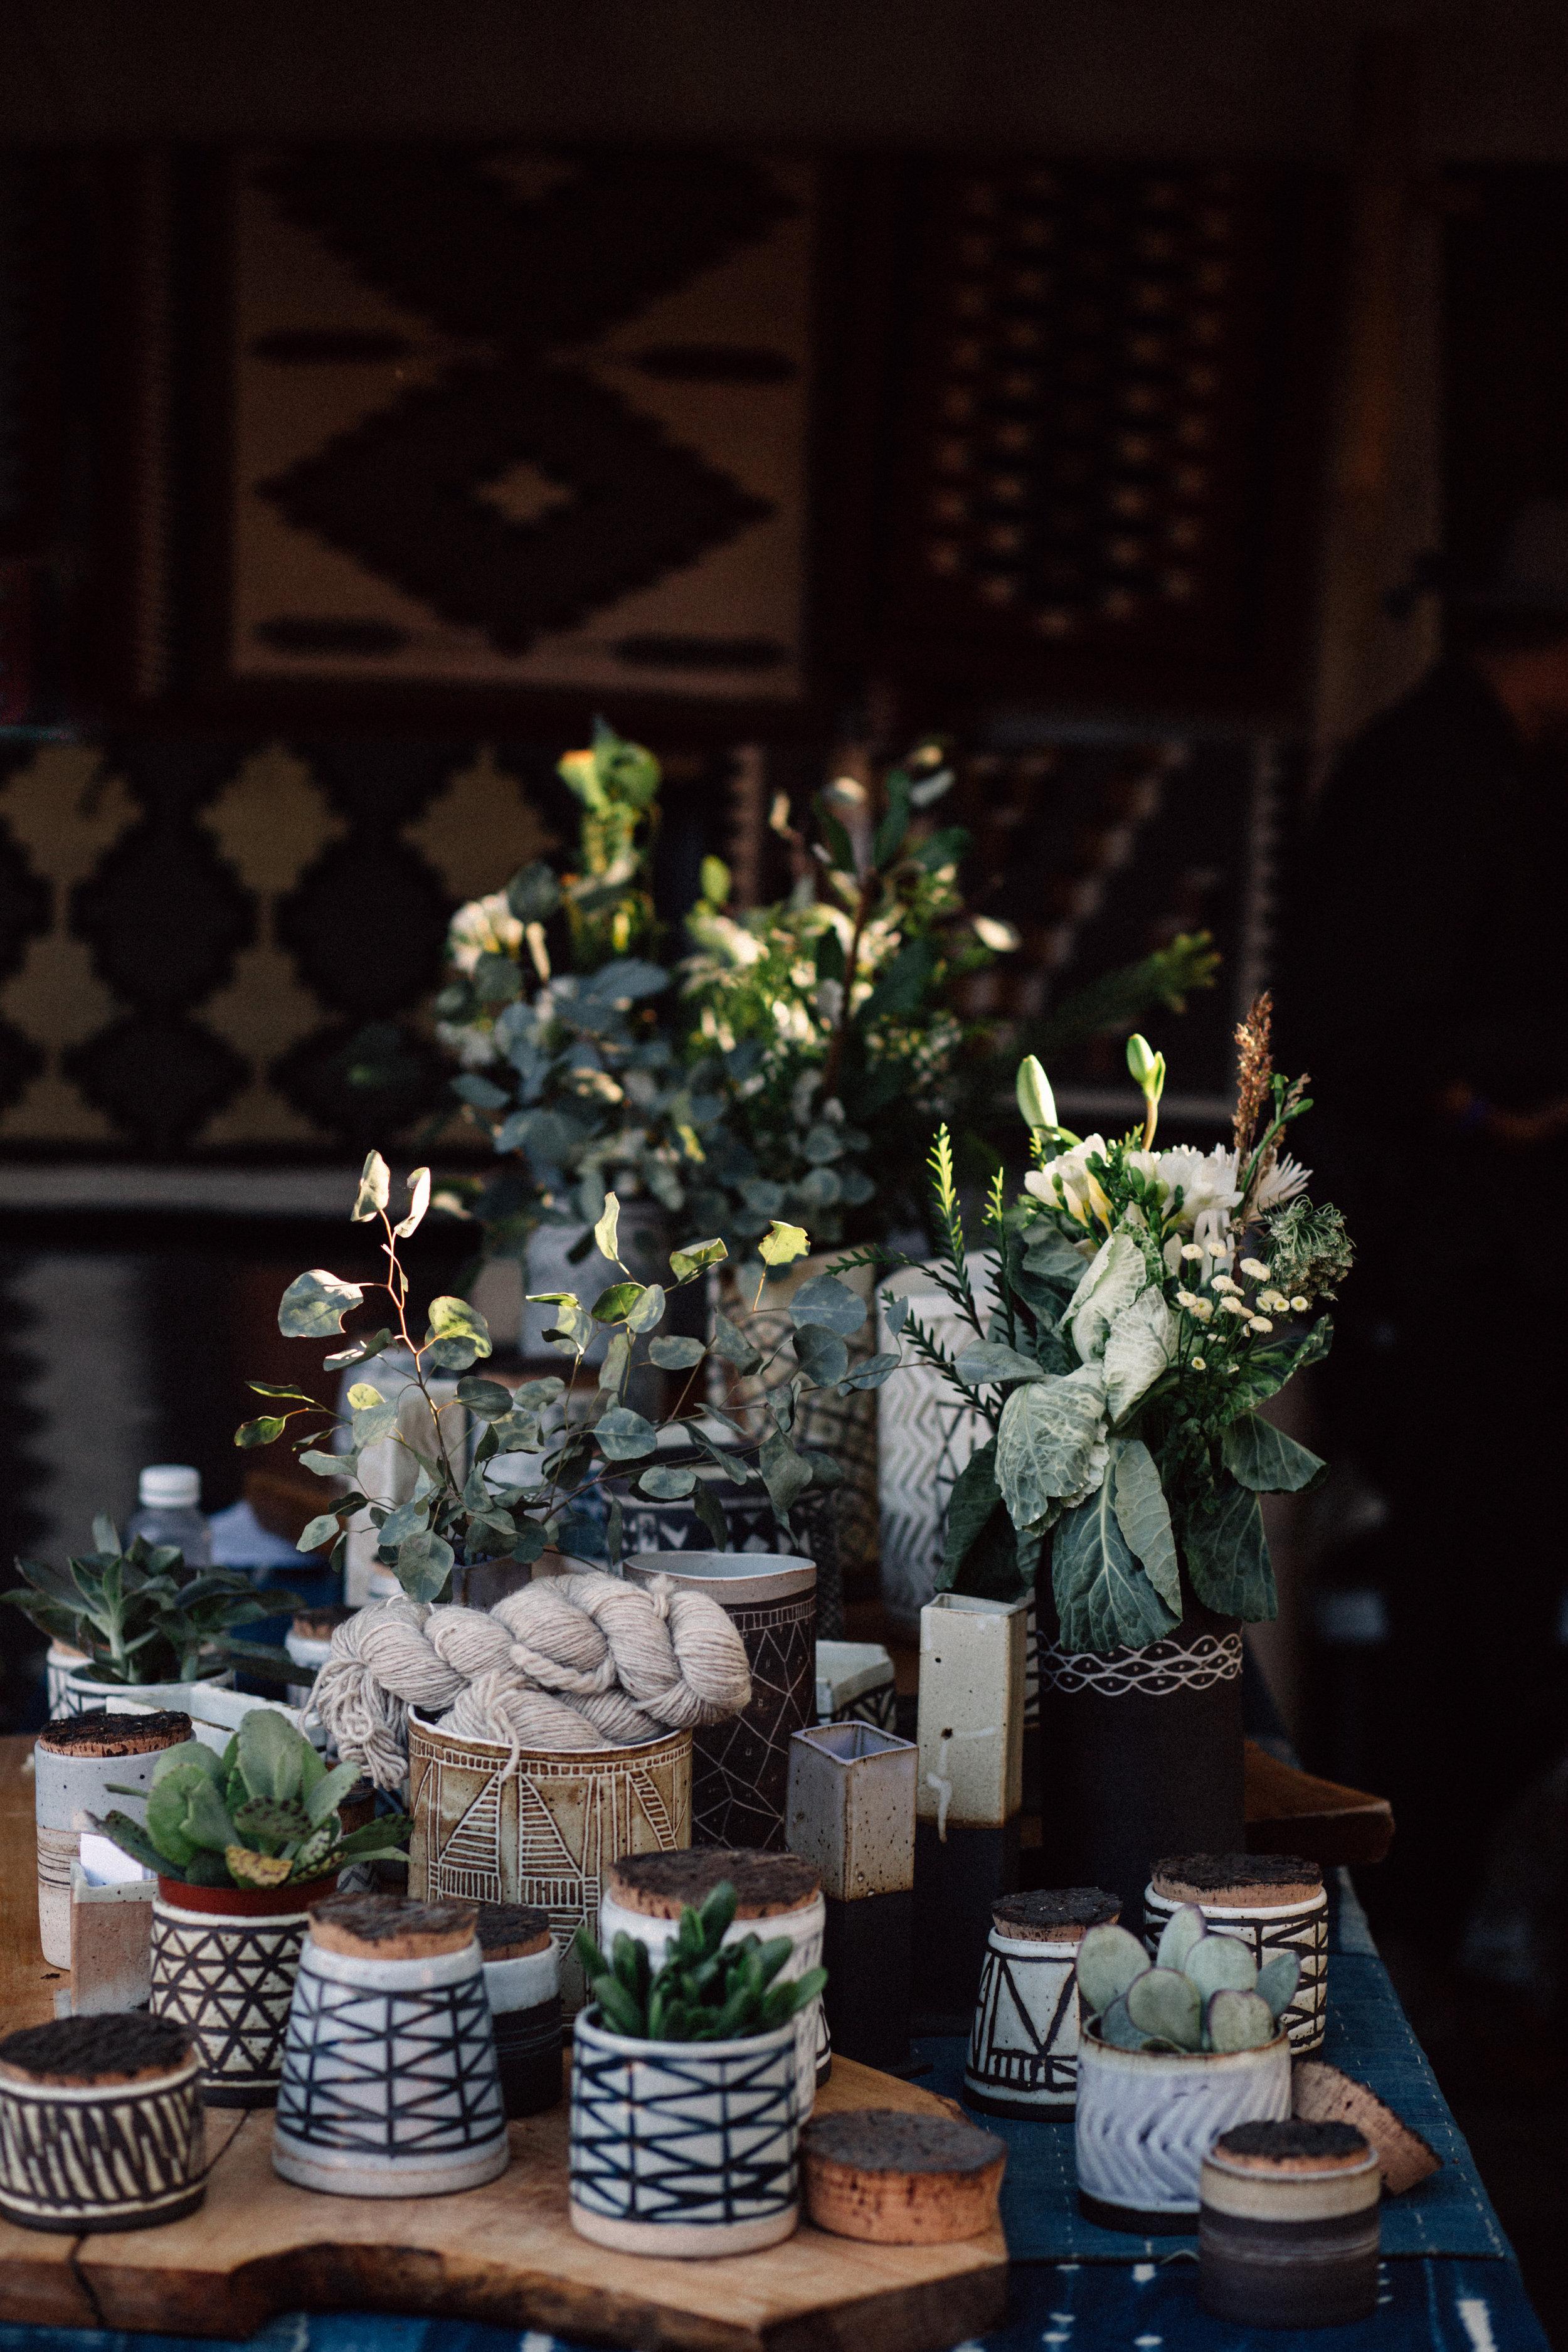 mercado sagrado-alina mendoza photography-alina mendoza-10.jpg